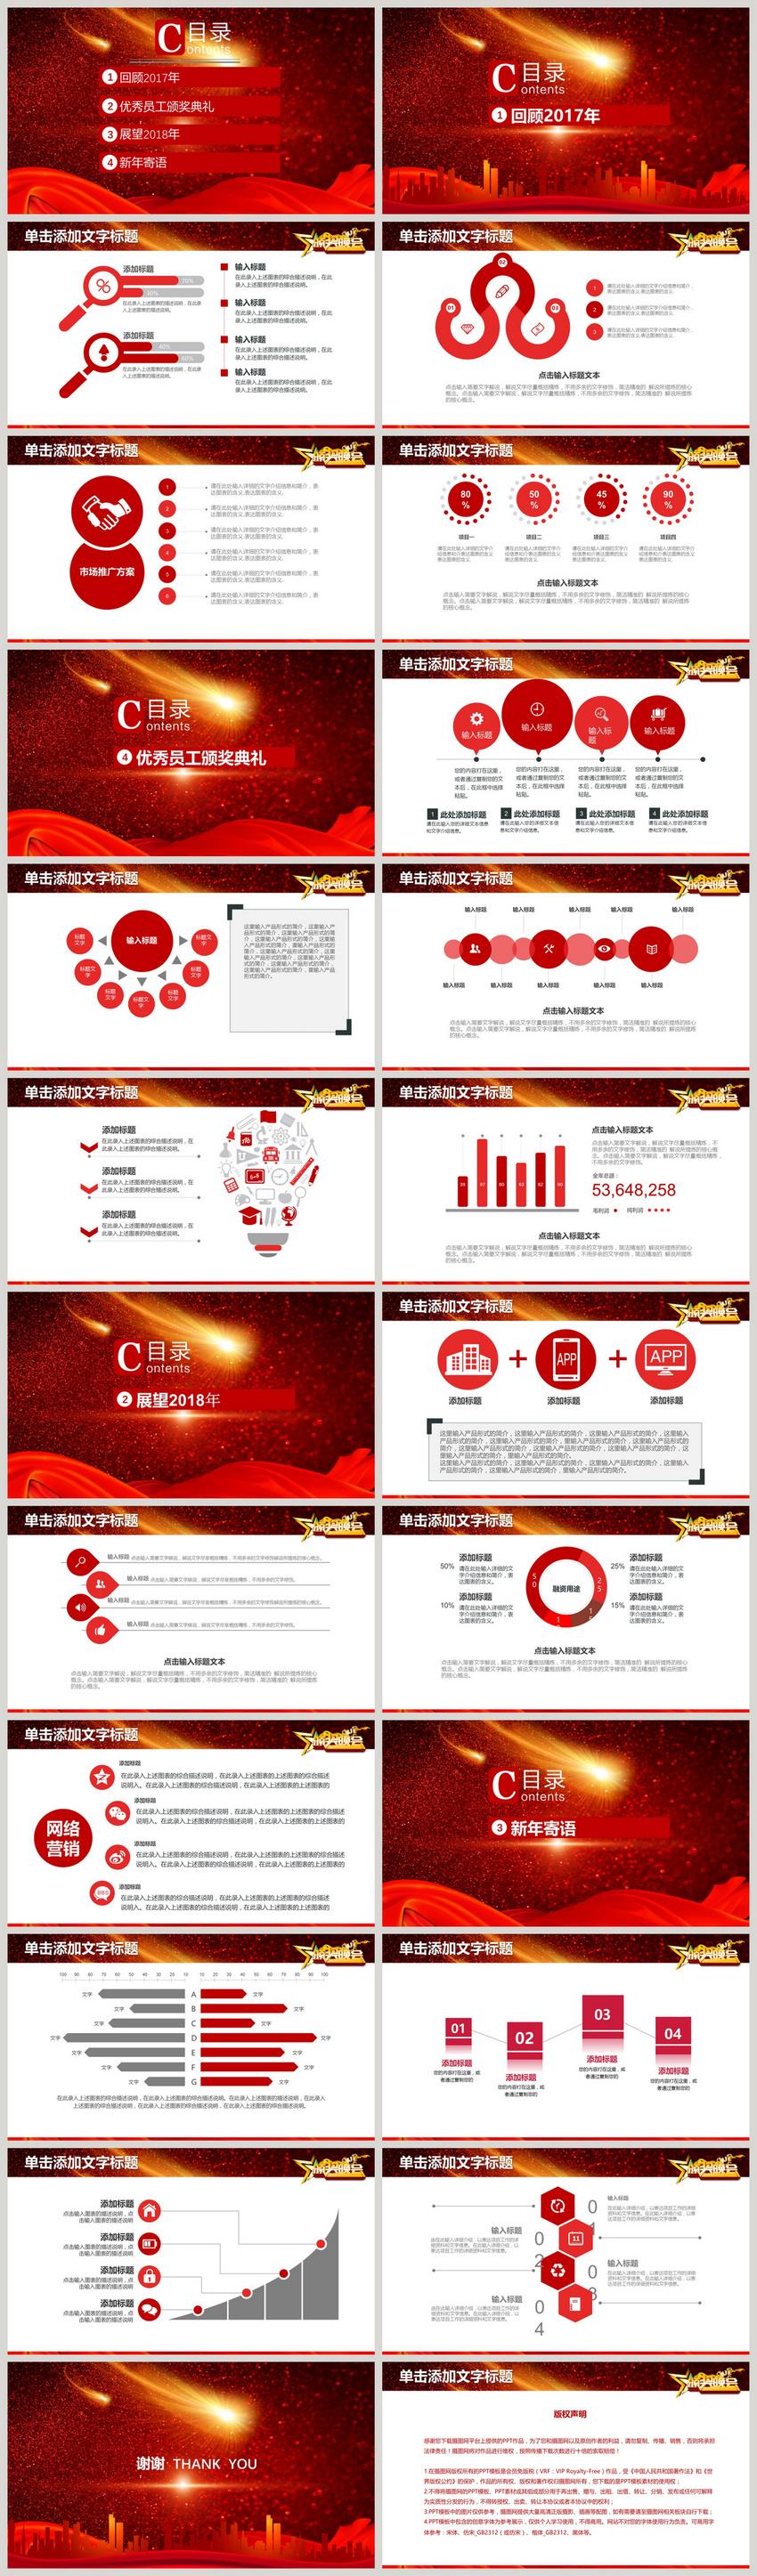 大气红色企业年会颁奖盛典PPT模板图片